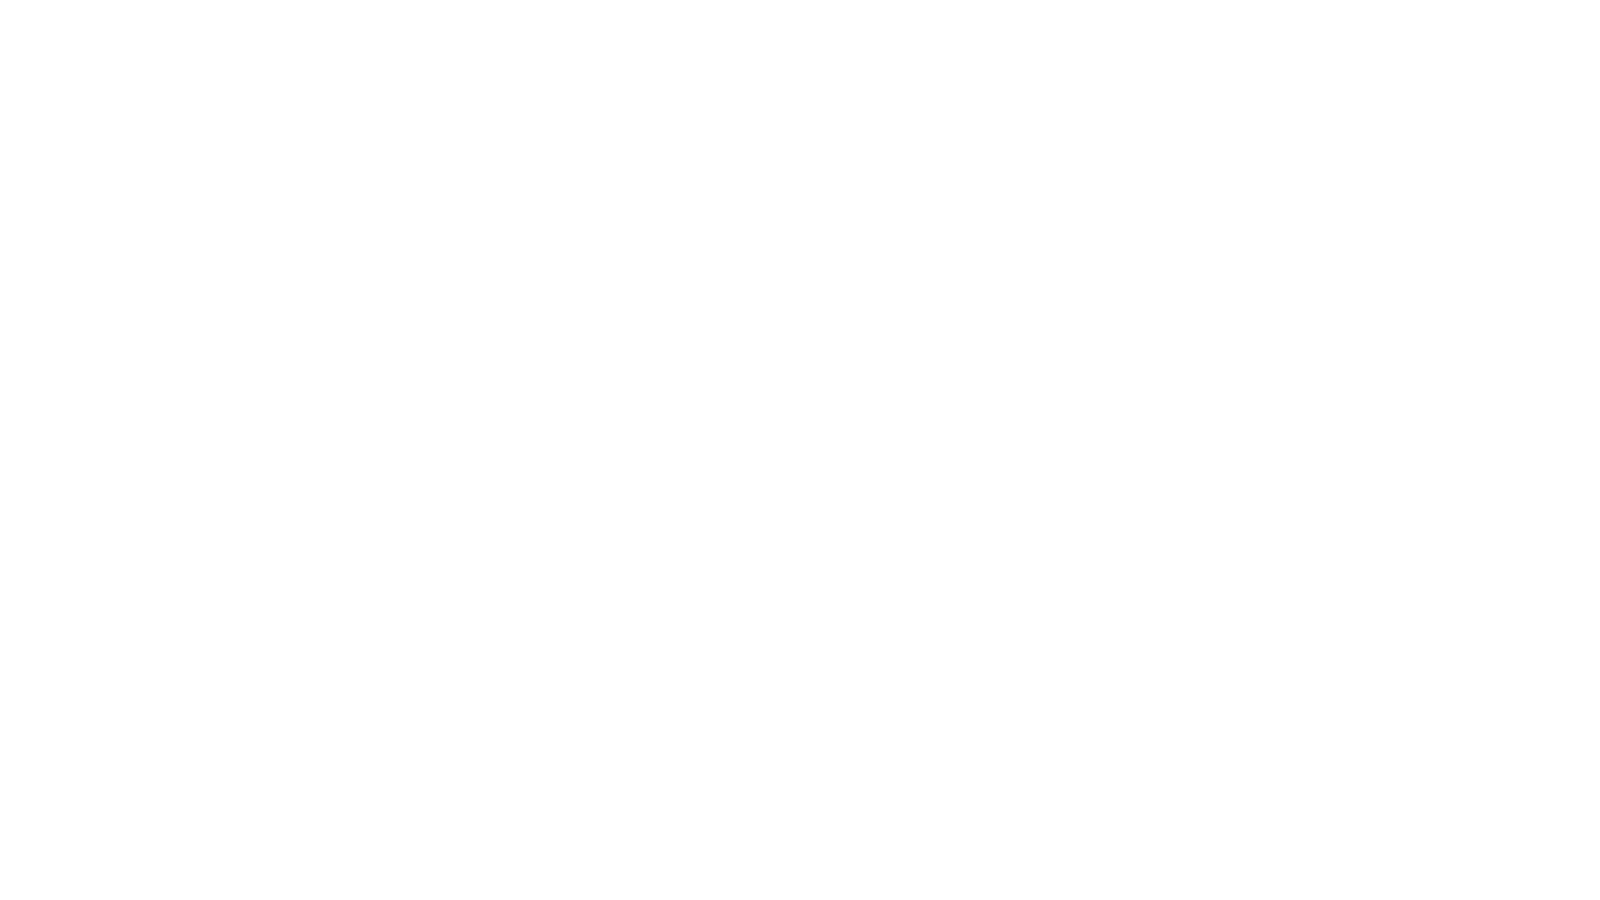 Una delas mejores rutas de senderismo en Madrid para ir en familia con niños.  La Comunidad de Madrid ofrece un montón de rutas de senderismo aptas para realizar en familia con los más pequeños y pasar un divertido día de campo en familia. Las hay de diferente duración y dificultad para que podamos elegir la que más se adapte a nuestro plan y a la edad de los peques.   Una de las rutas de senderismo más famosas de la sierra de Madrid que puedes hacer desde El Escorial o Zarzalejo (dos localidades en el noroeste de Madrid) es la subida hasta el pico de Las Machotas.  Las Machotas son dos elevaciones geográficas (L Machota Alta y La Machota Baja) formadas principalmente por granito, pertenecientes a la vertiente madrileña de la sierra de Guadarrama, de cuya alineación principal se encuentran separadas por diferentes fracturas.   La Machota Alta se encuentra a 1466 m de altitud mientras que la Machota Baja a 1410 m. Te espera una ruta preciosa por la Sierra de Guadarrama con unos miradores espectaculares.  Mantente informado en: 🖥️  Nuestra web: https://www.montaventura.com  🐦  Twitter:https://twitter.com/montaventura 📘  Facebook: https://www.facebook.com/montaventura